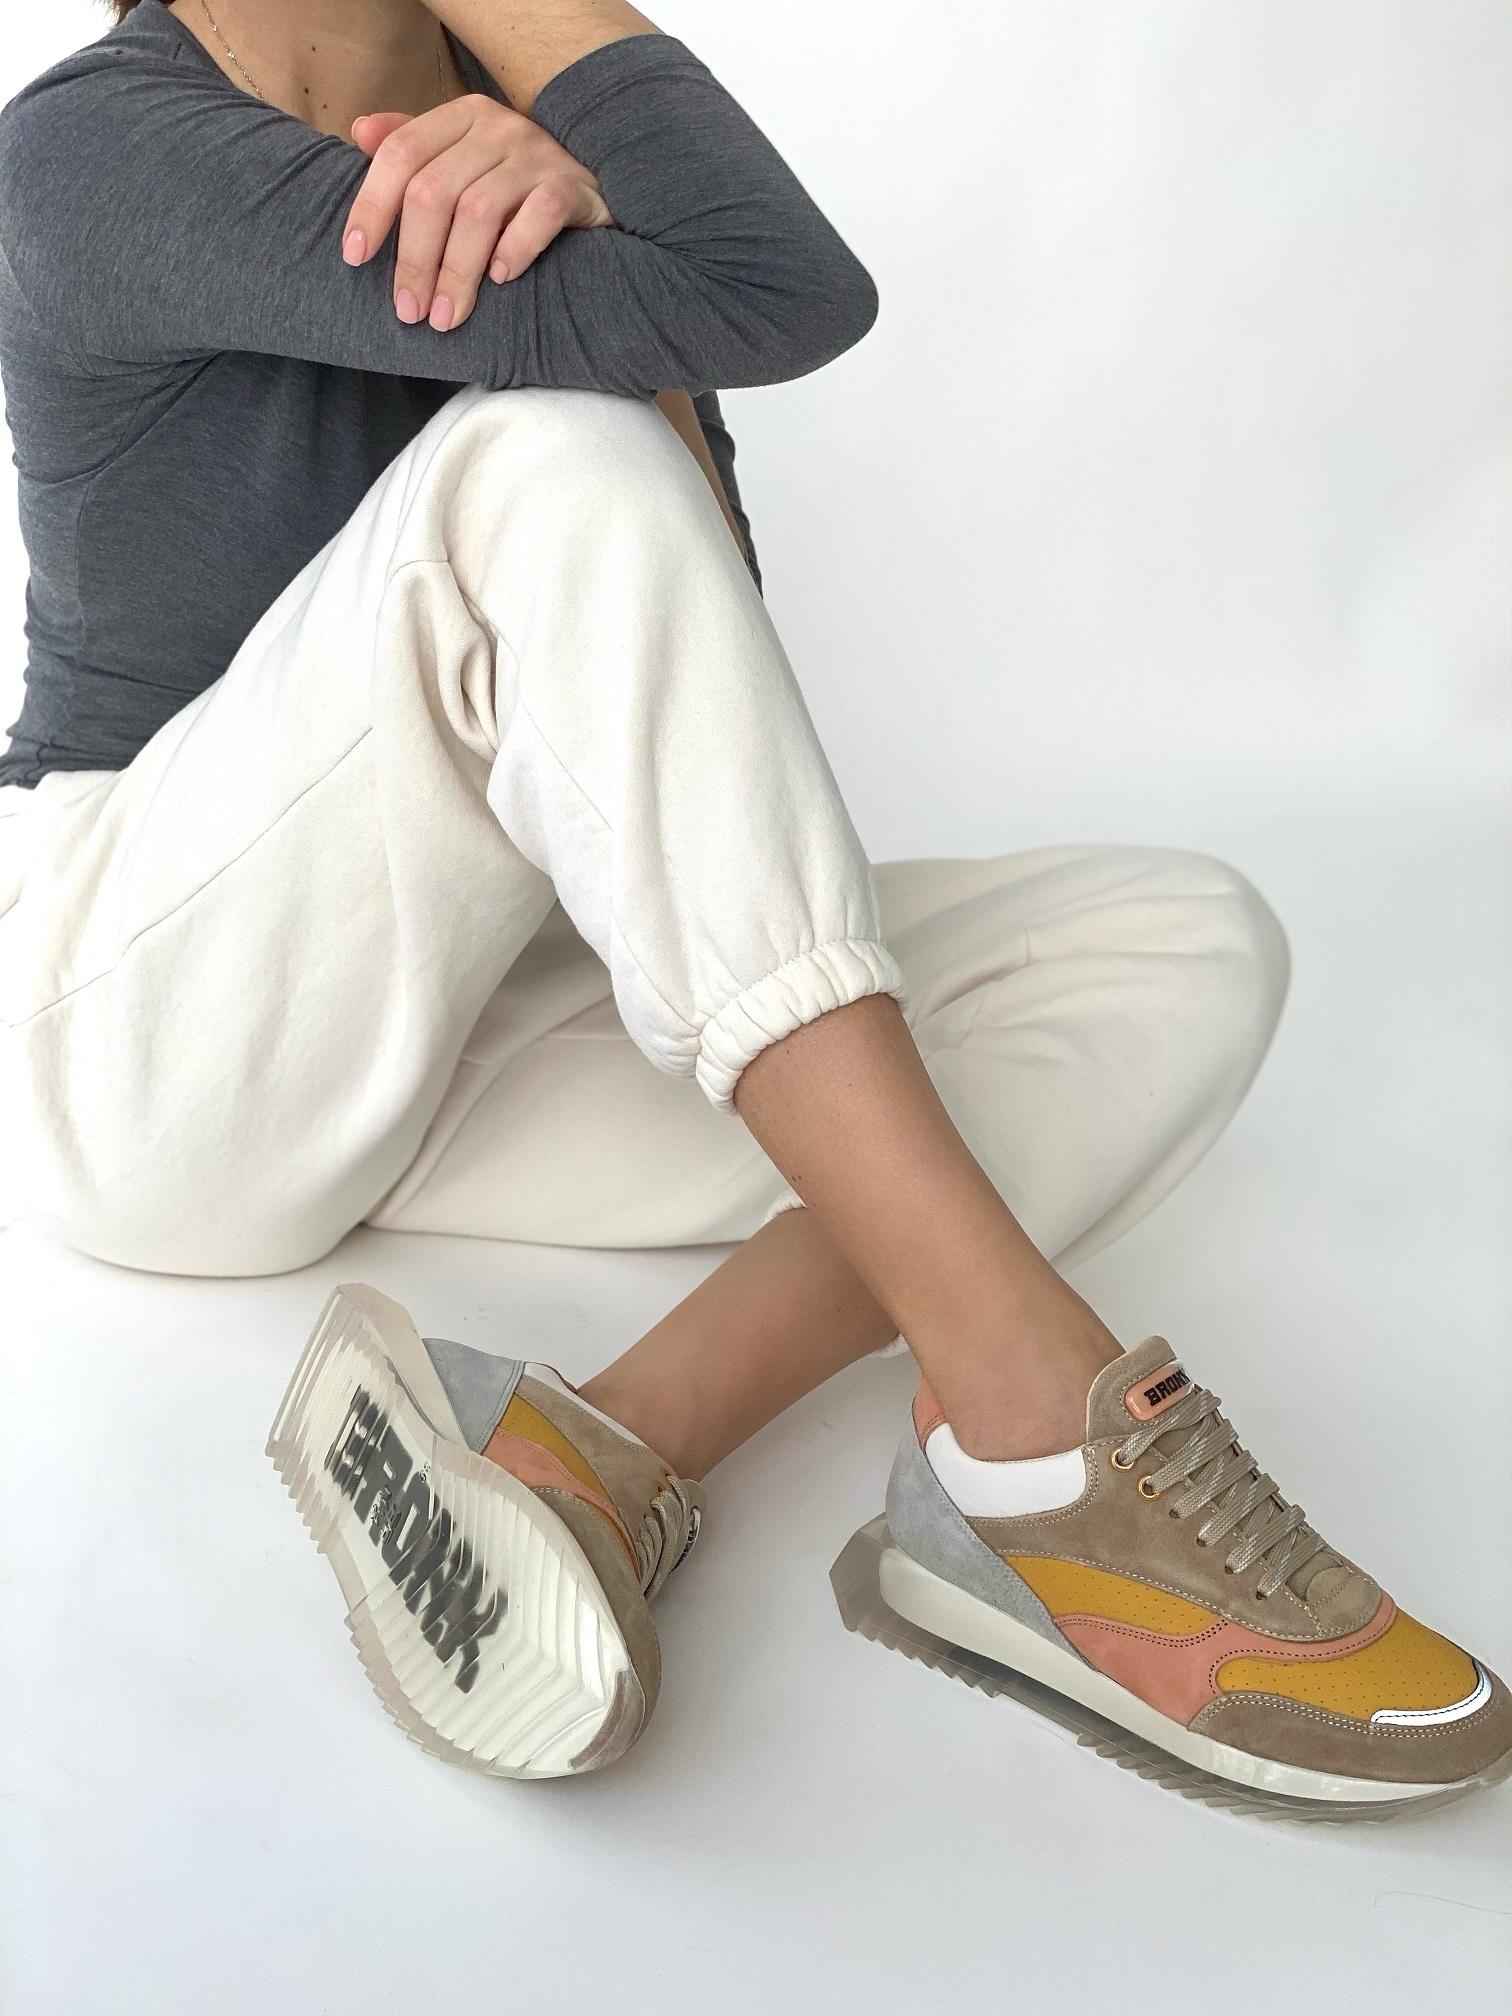 Кроссовки женские, BRONX, Linkk up (серый)